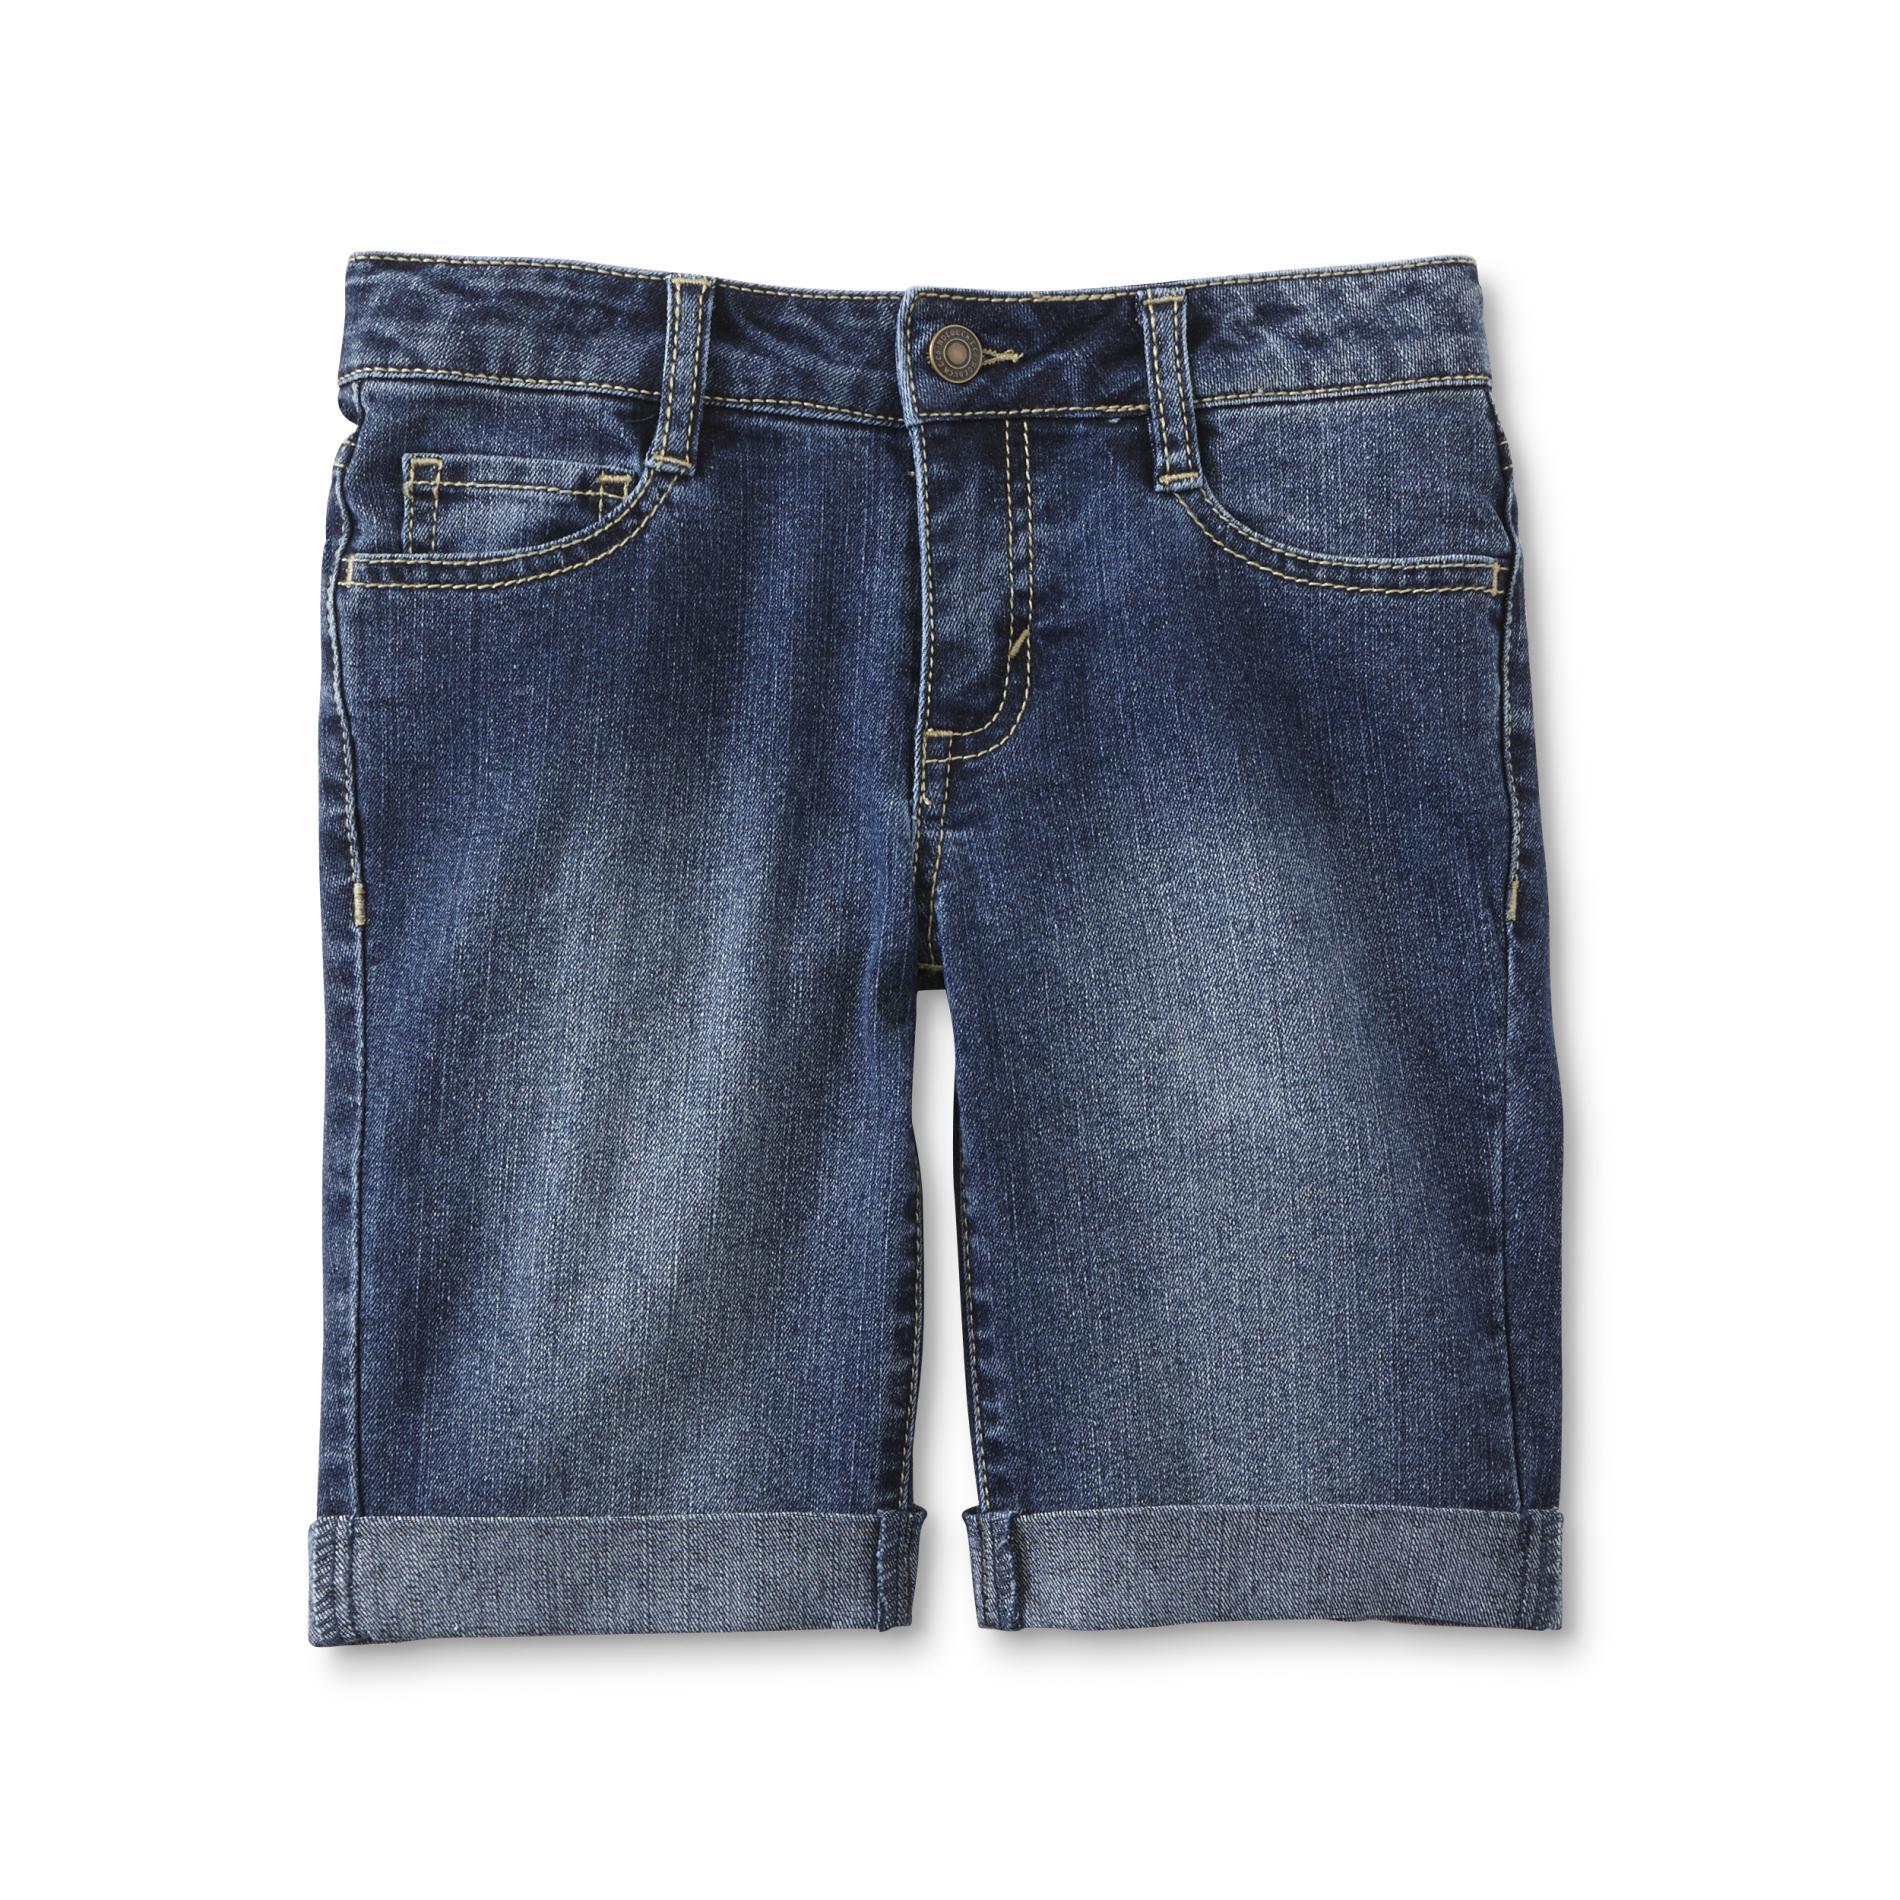 Roebuck & Co. Girls' Bermuda Jean Shorts